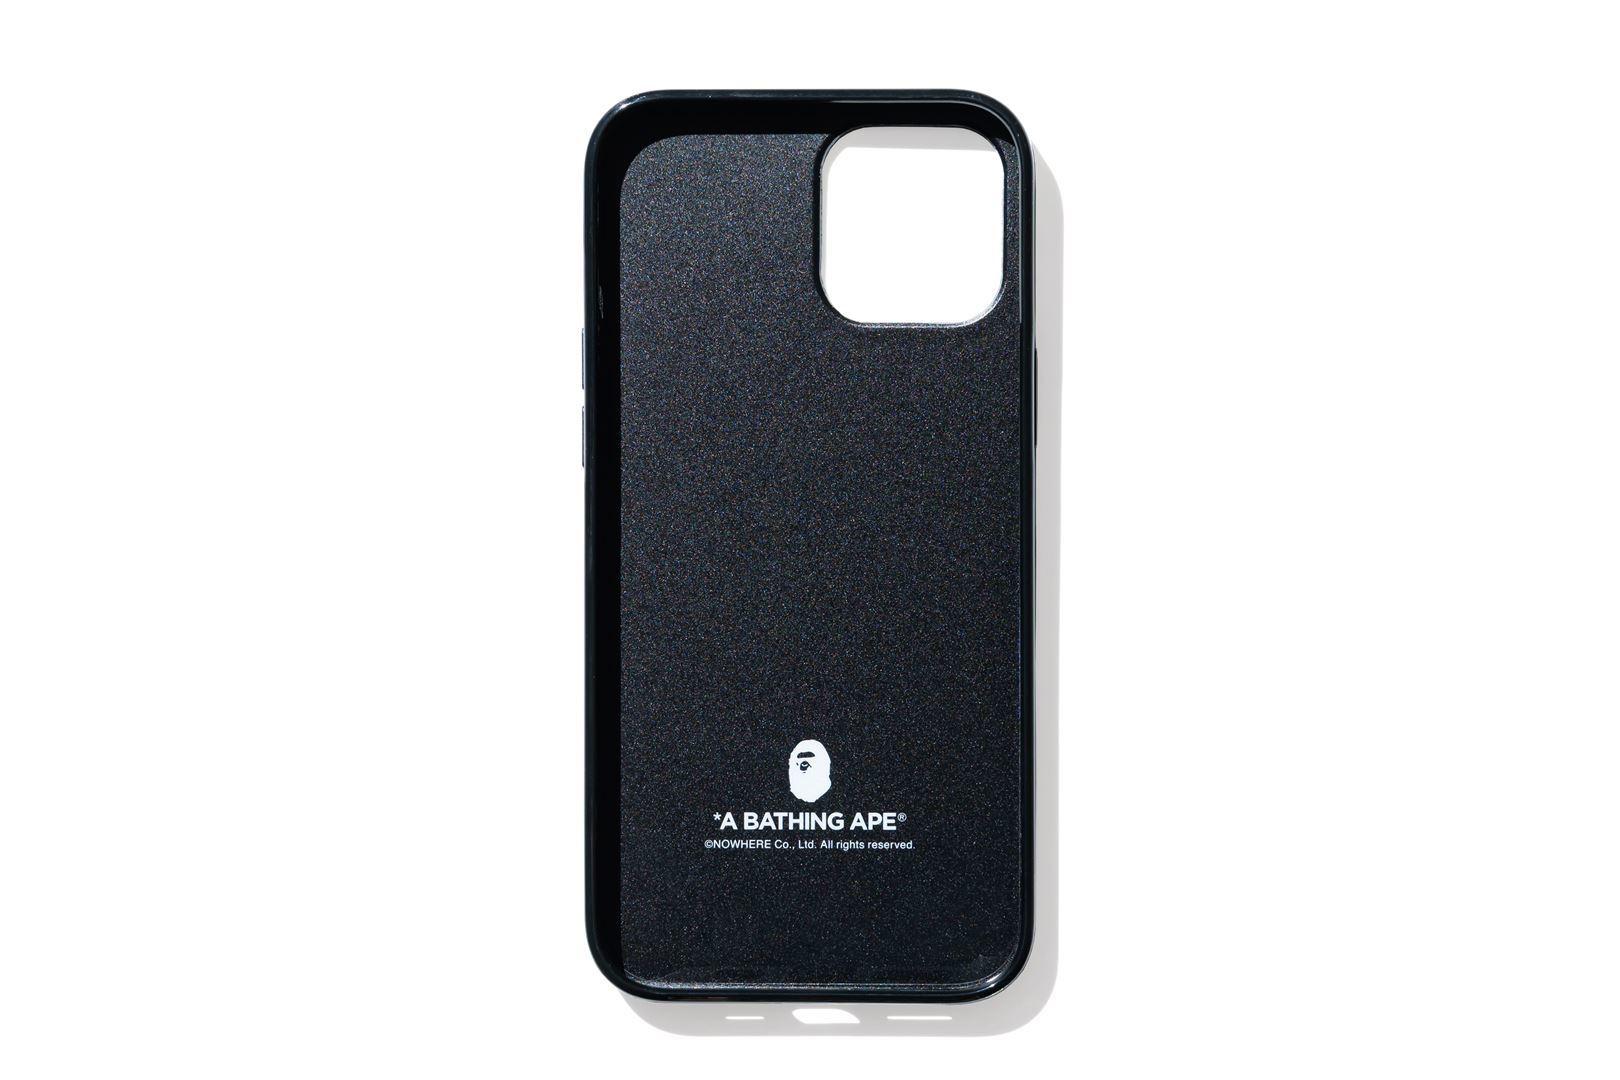 ABC CAMO iPhone 12 / 12 PRO / 12 PRO MAX / 12 MINI CASE_a0174495_12015316.jpg